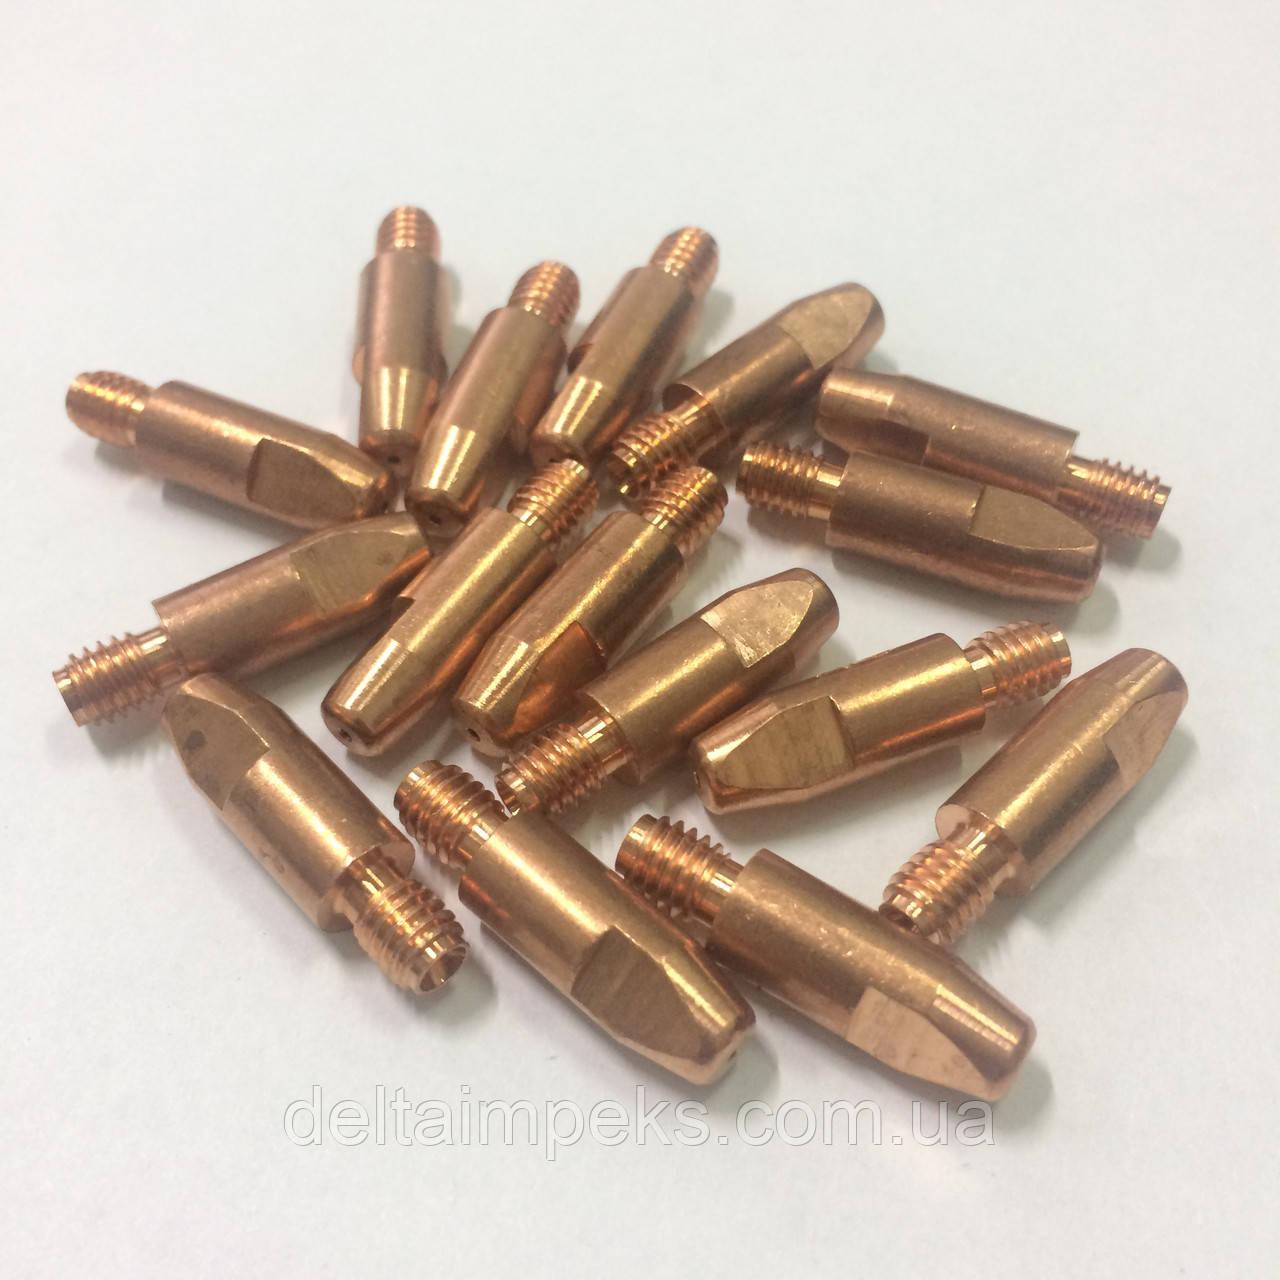 Наконечник E-Cu М6 D 0,8/8,0/24 для горелки ABIMIG 155 LW